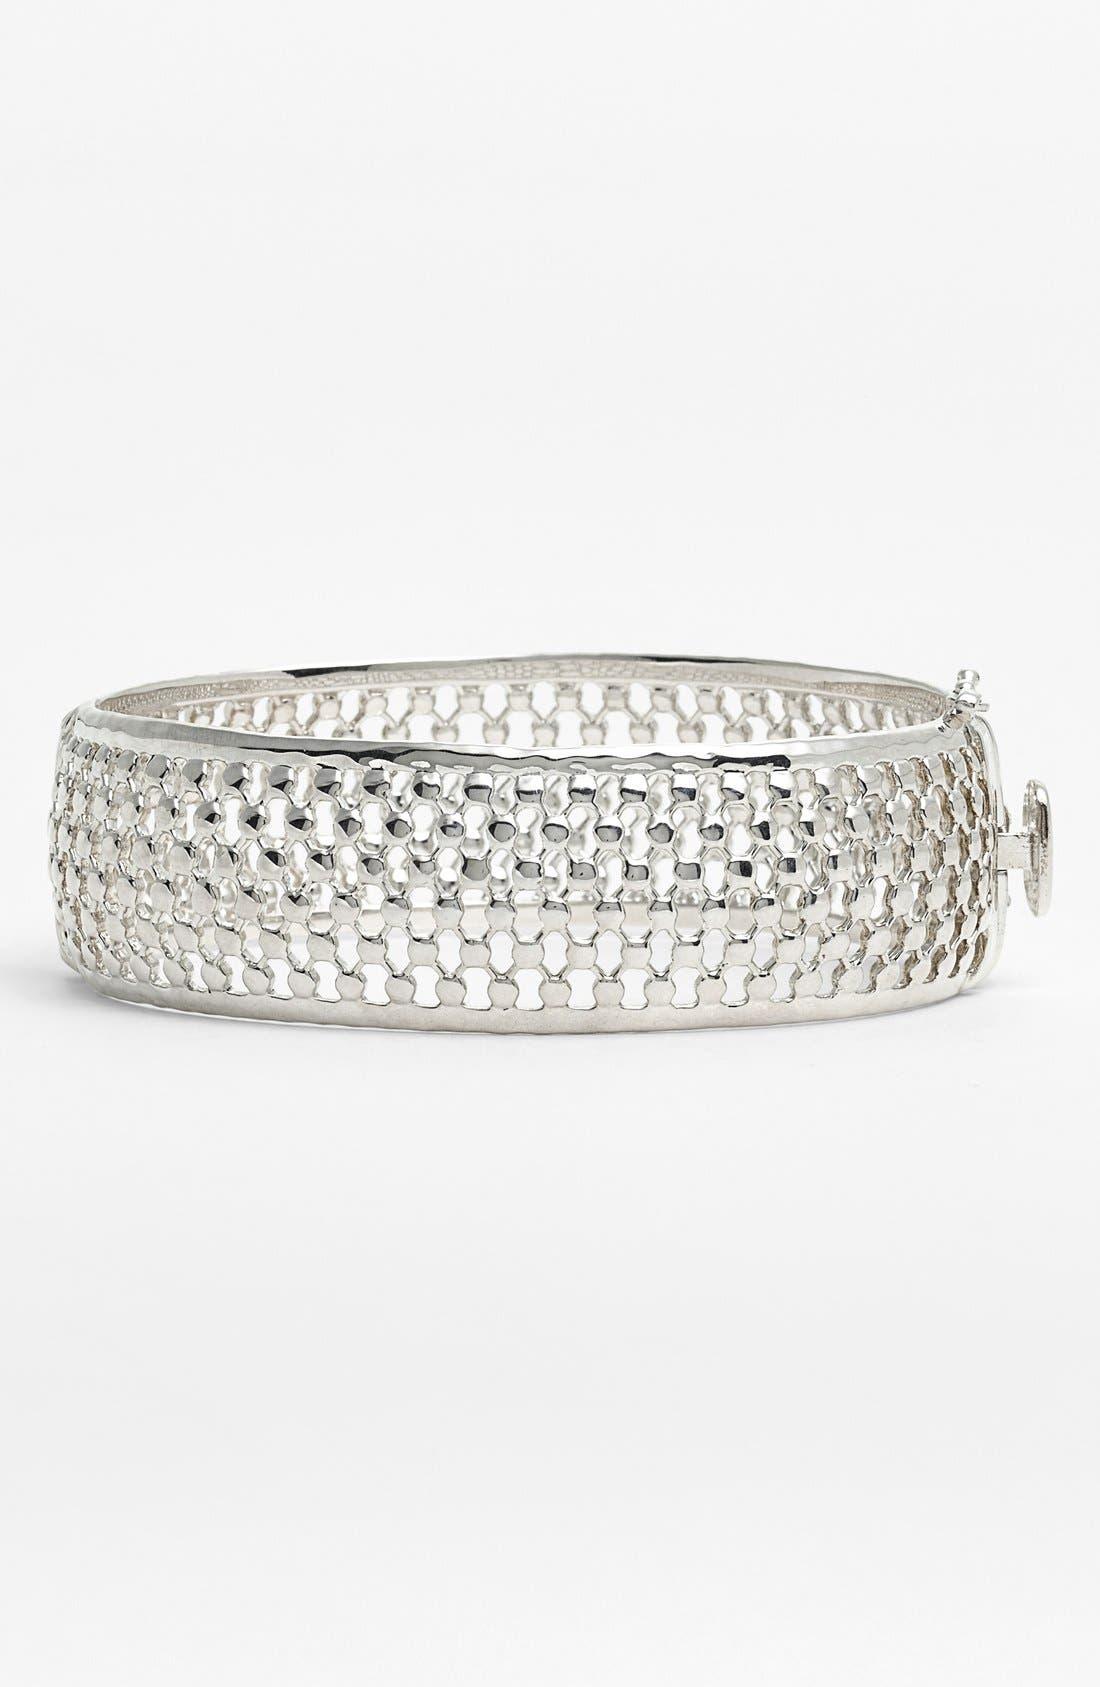 Main Image - Judith Jack 'Decadent Color' Wide Bangle Bracelet